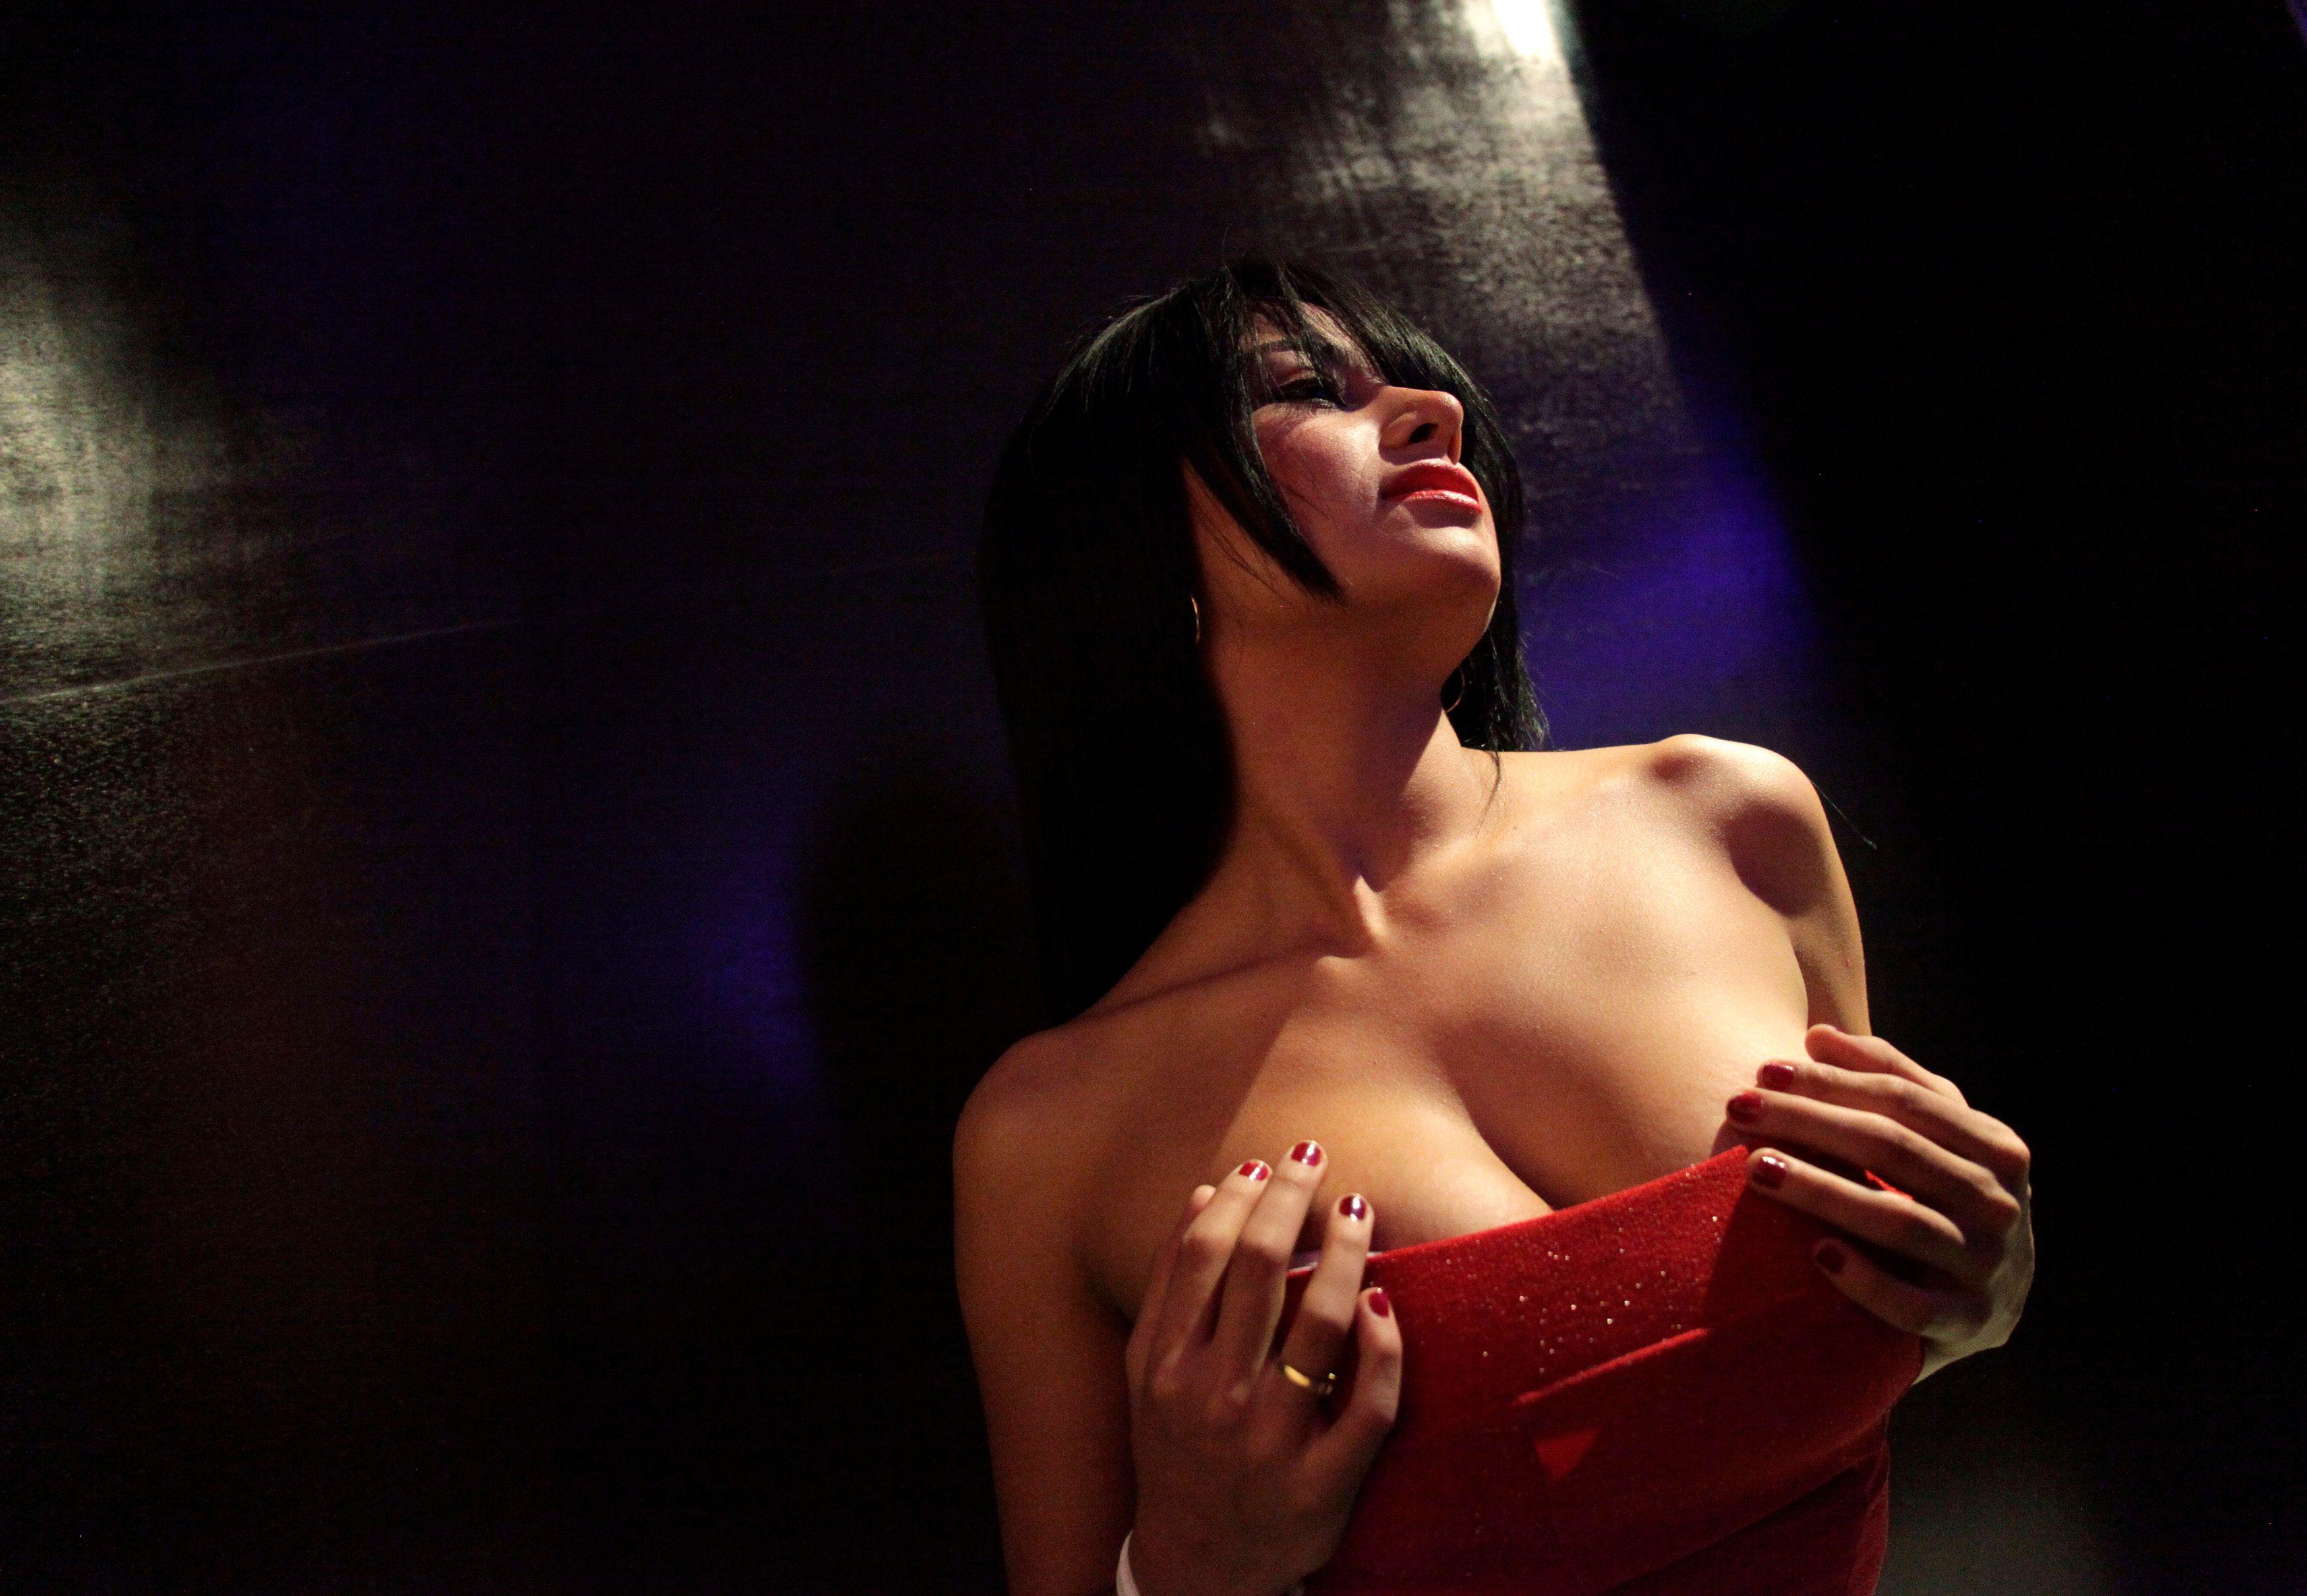 Menu des prestations sexuelles, etc. : le fonctionnement d'un bordel suisse vu de l'intérieur